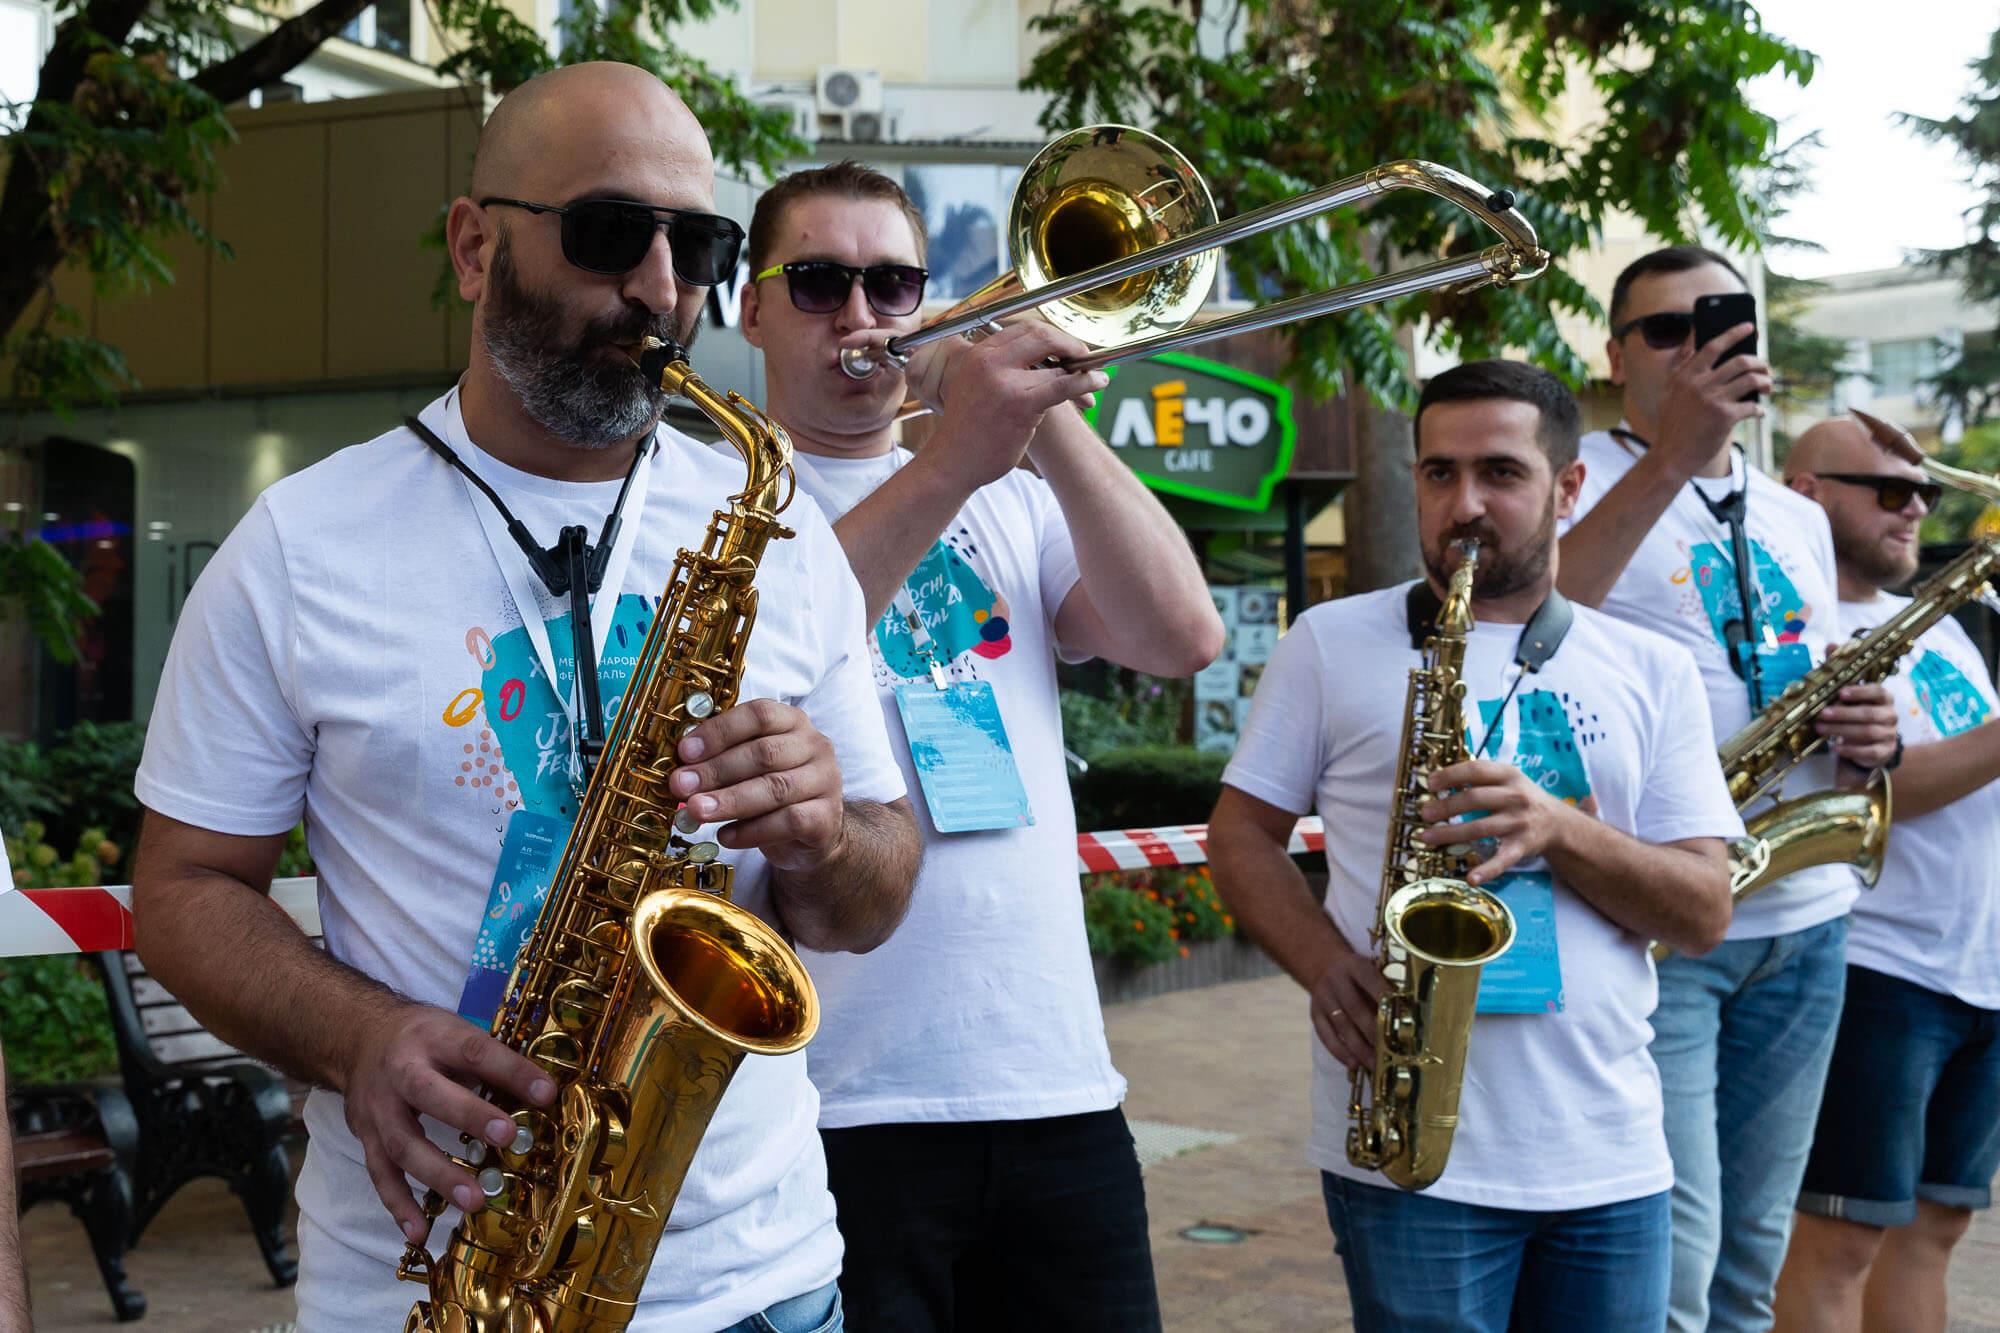 Музыкальный парад джазовых оркестров в Сочи на Sochi Jazz Festival. Фоторепортаж